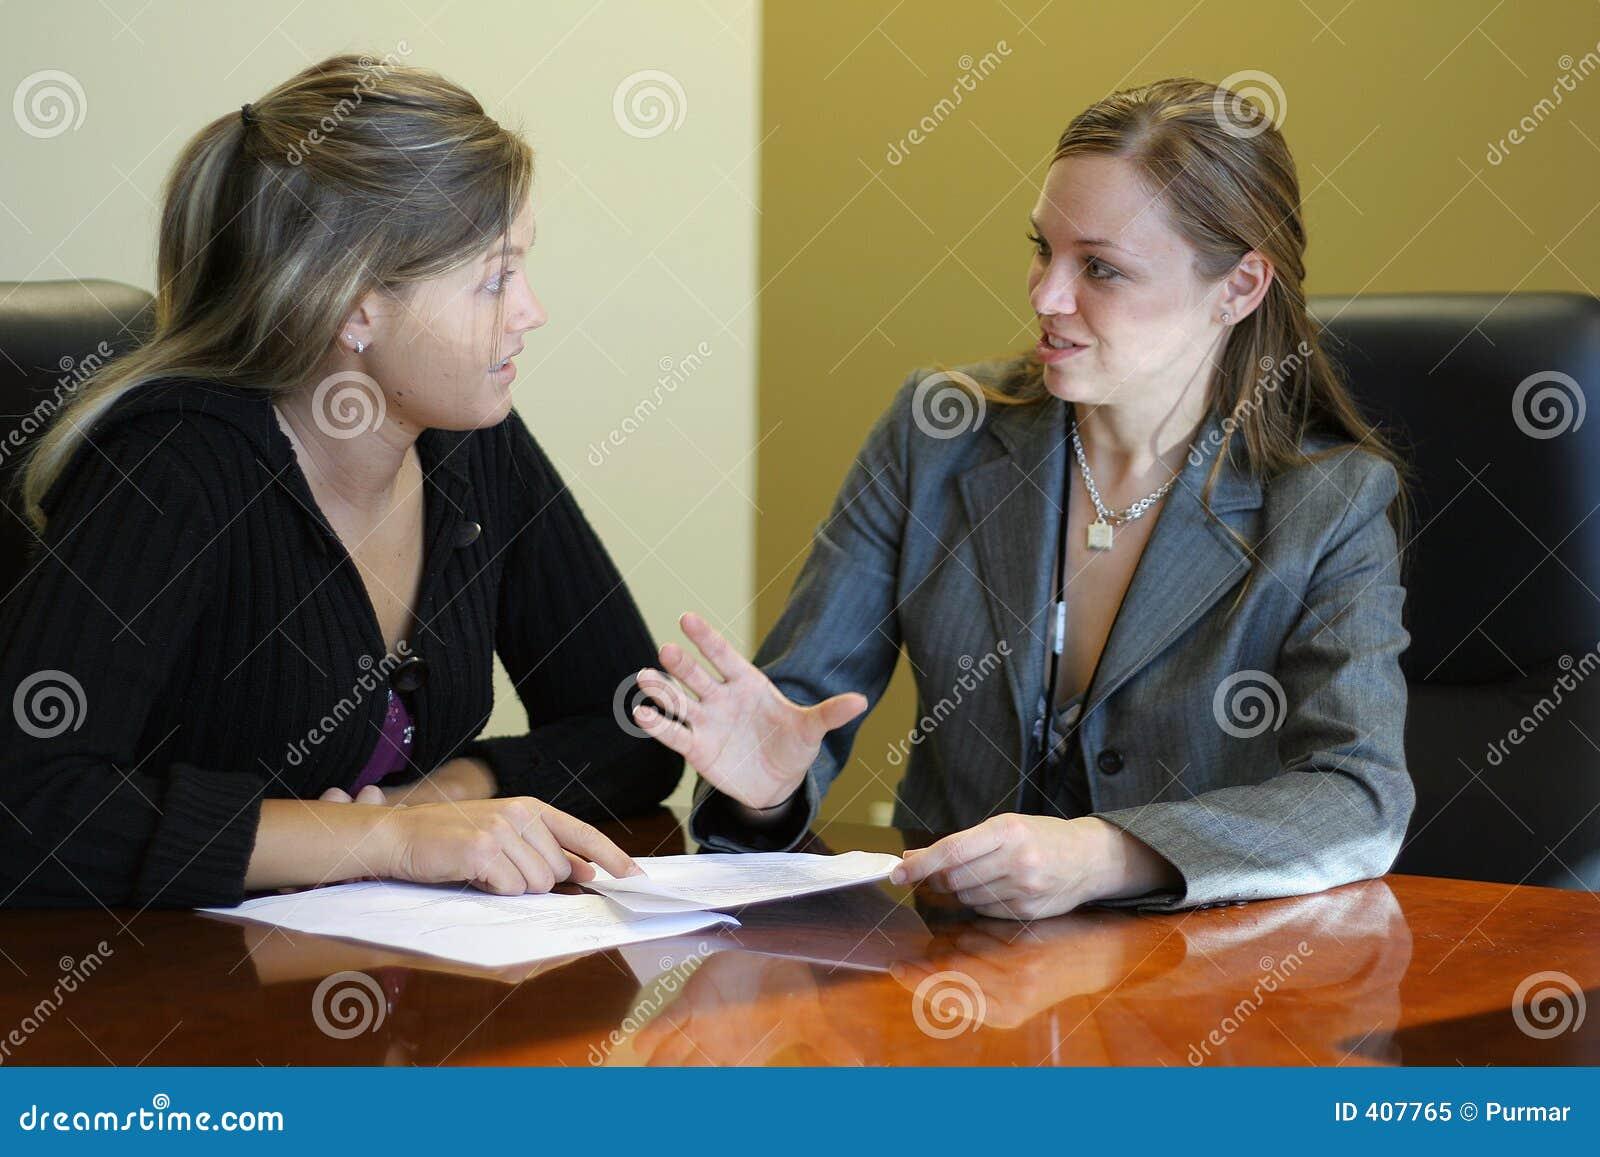 A Mulheres De Reunião Pt Texas-7042